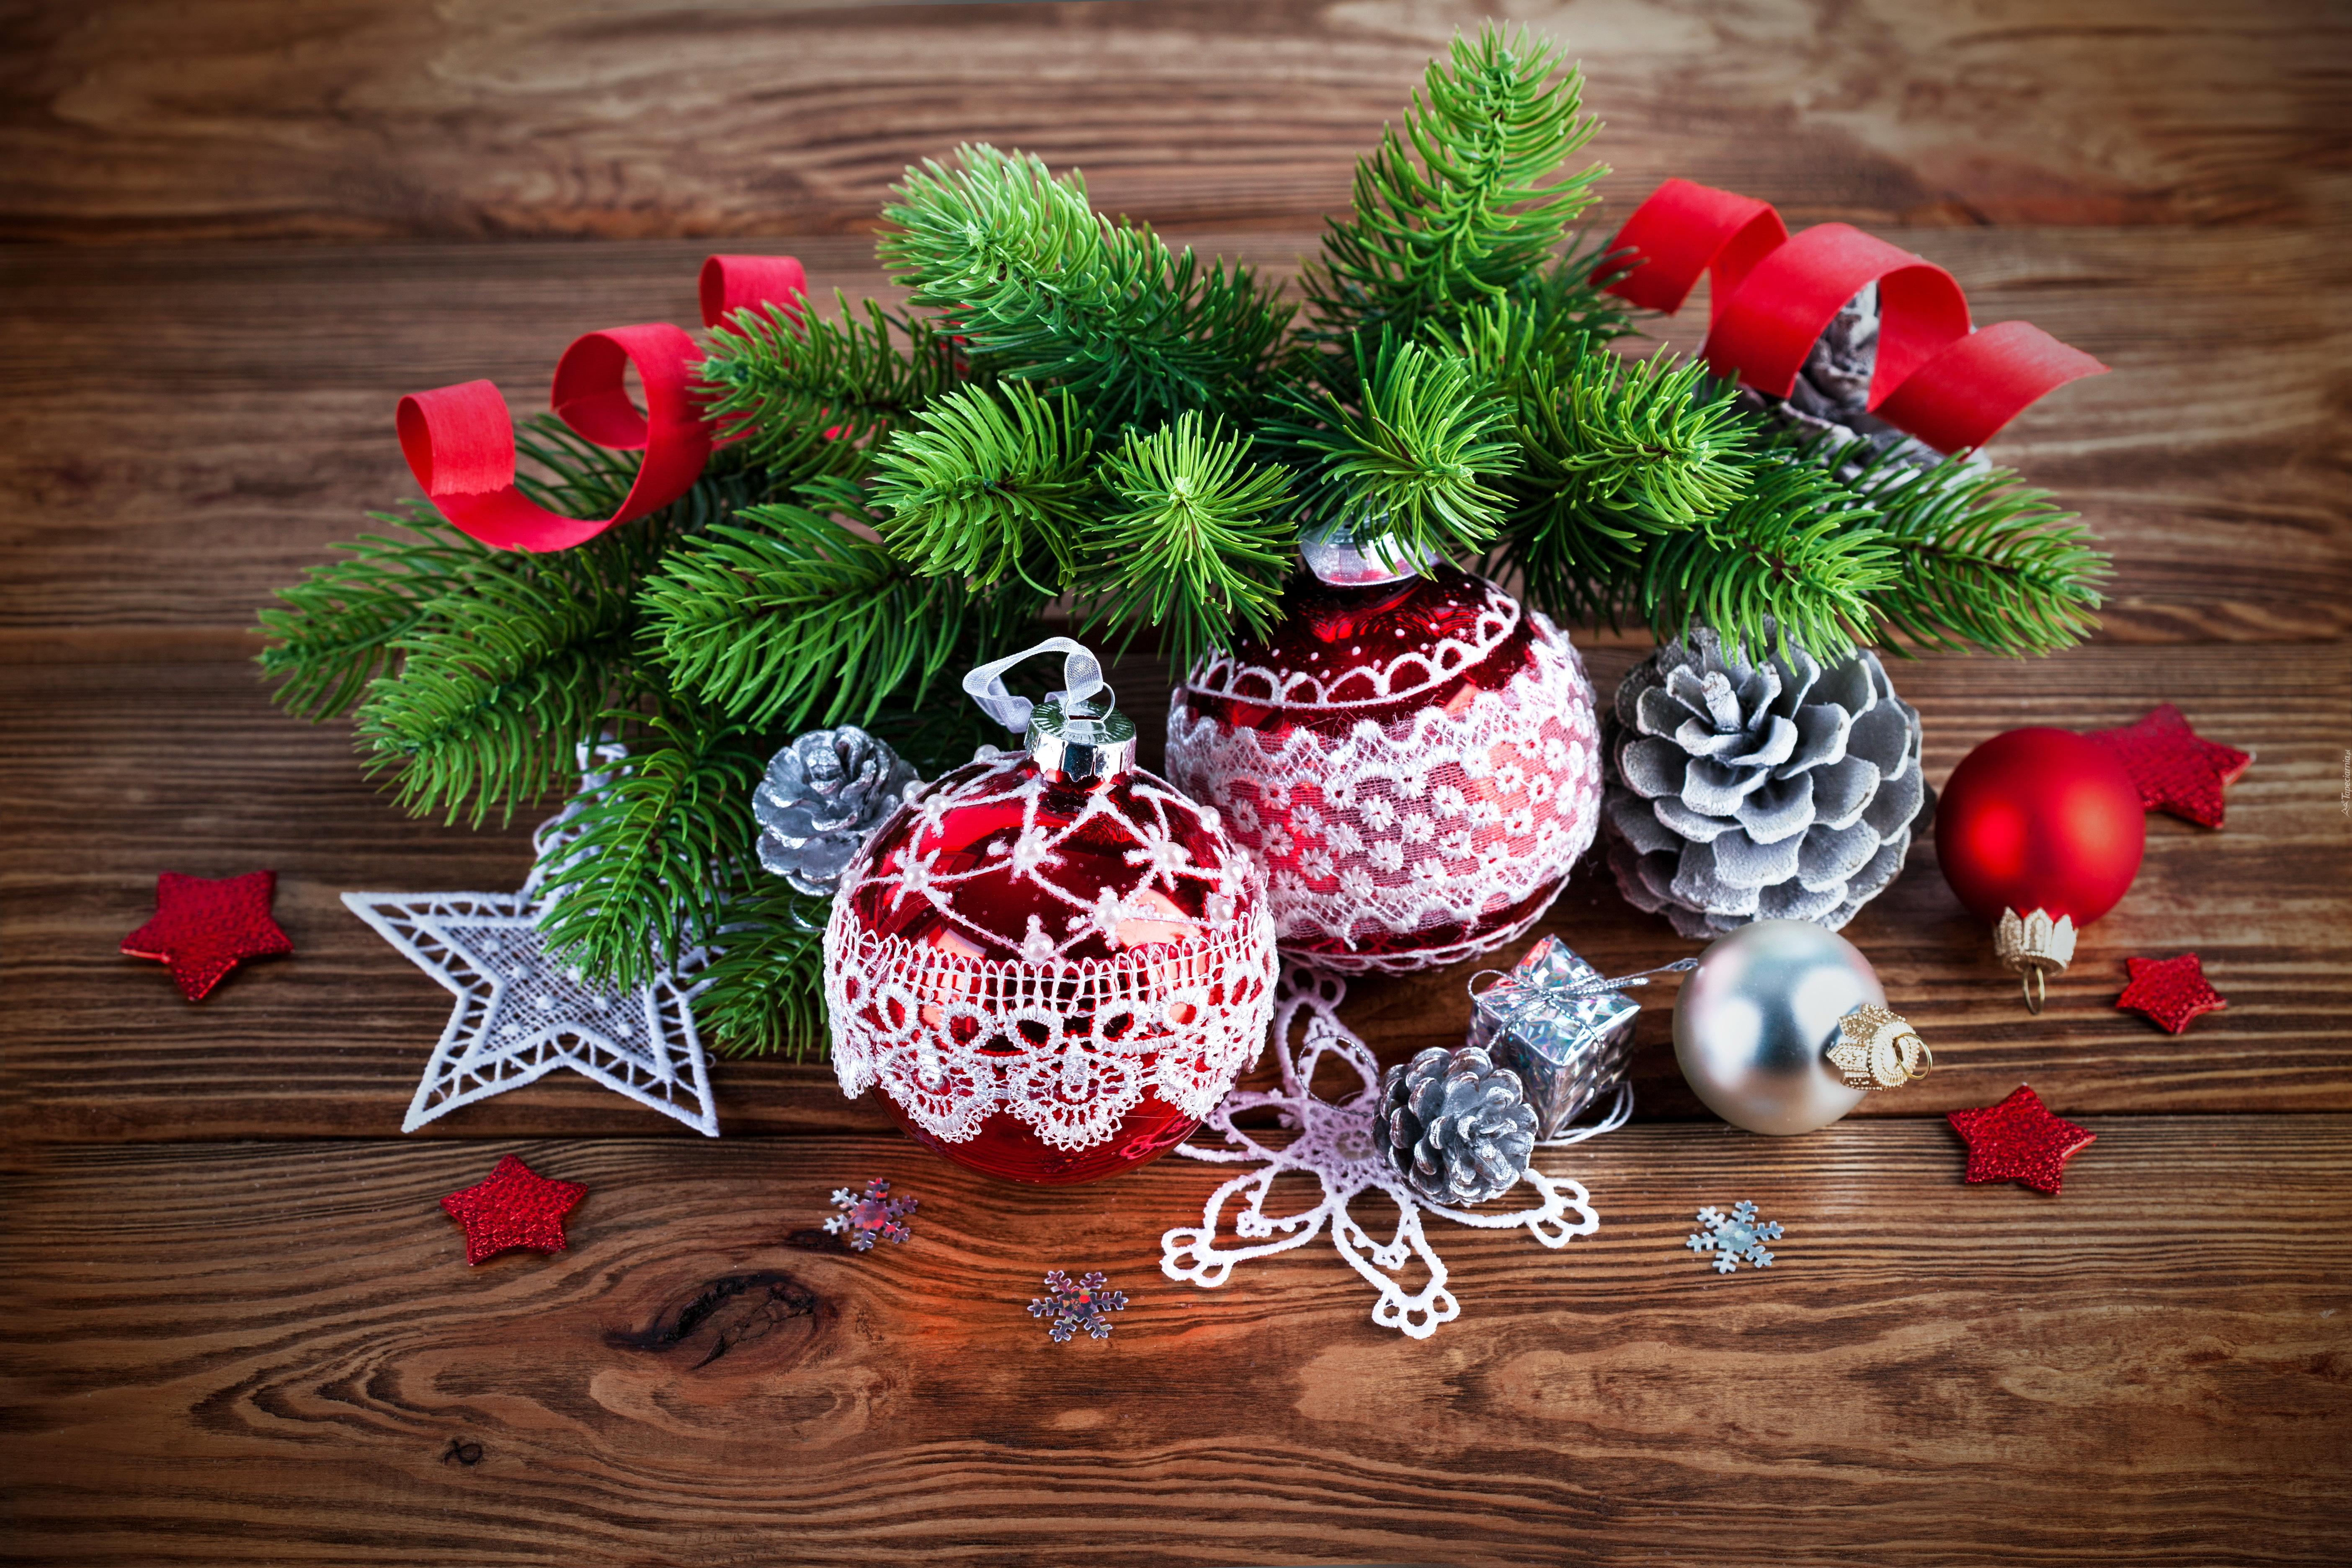 для тех, игрушки и поздравления к новому году защиты жилья москитов